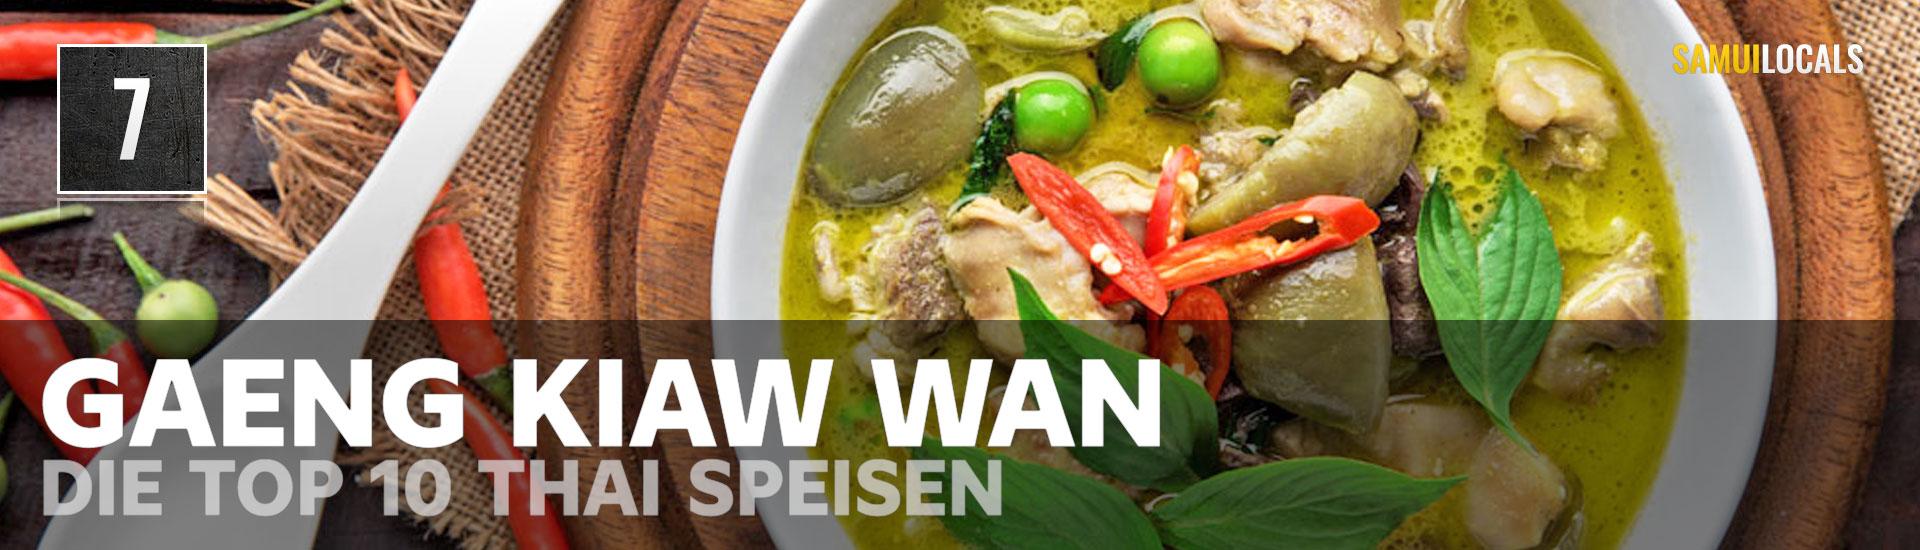 top_10_thai_gerichte_gaeng_kiaw_wan